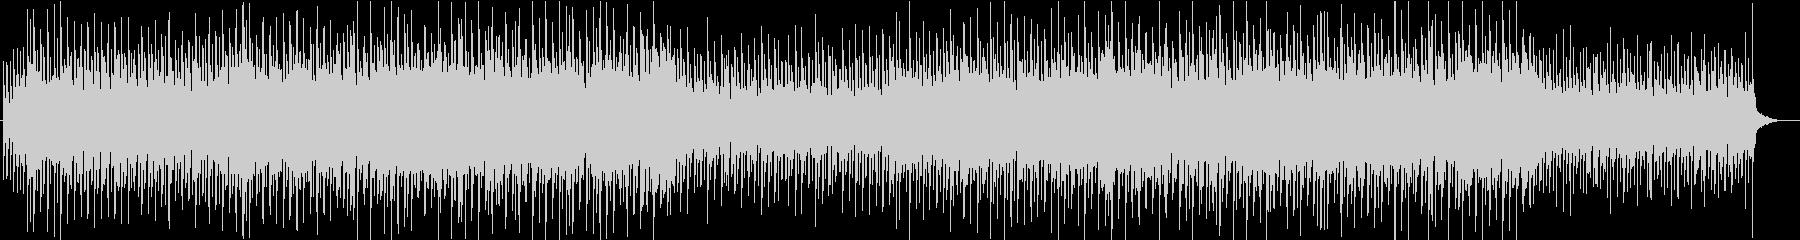 和風な三味線エレクトロの未再生の波形